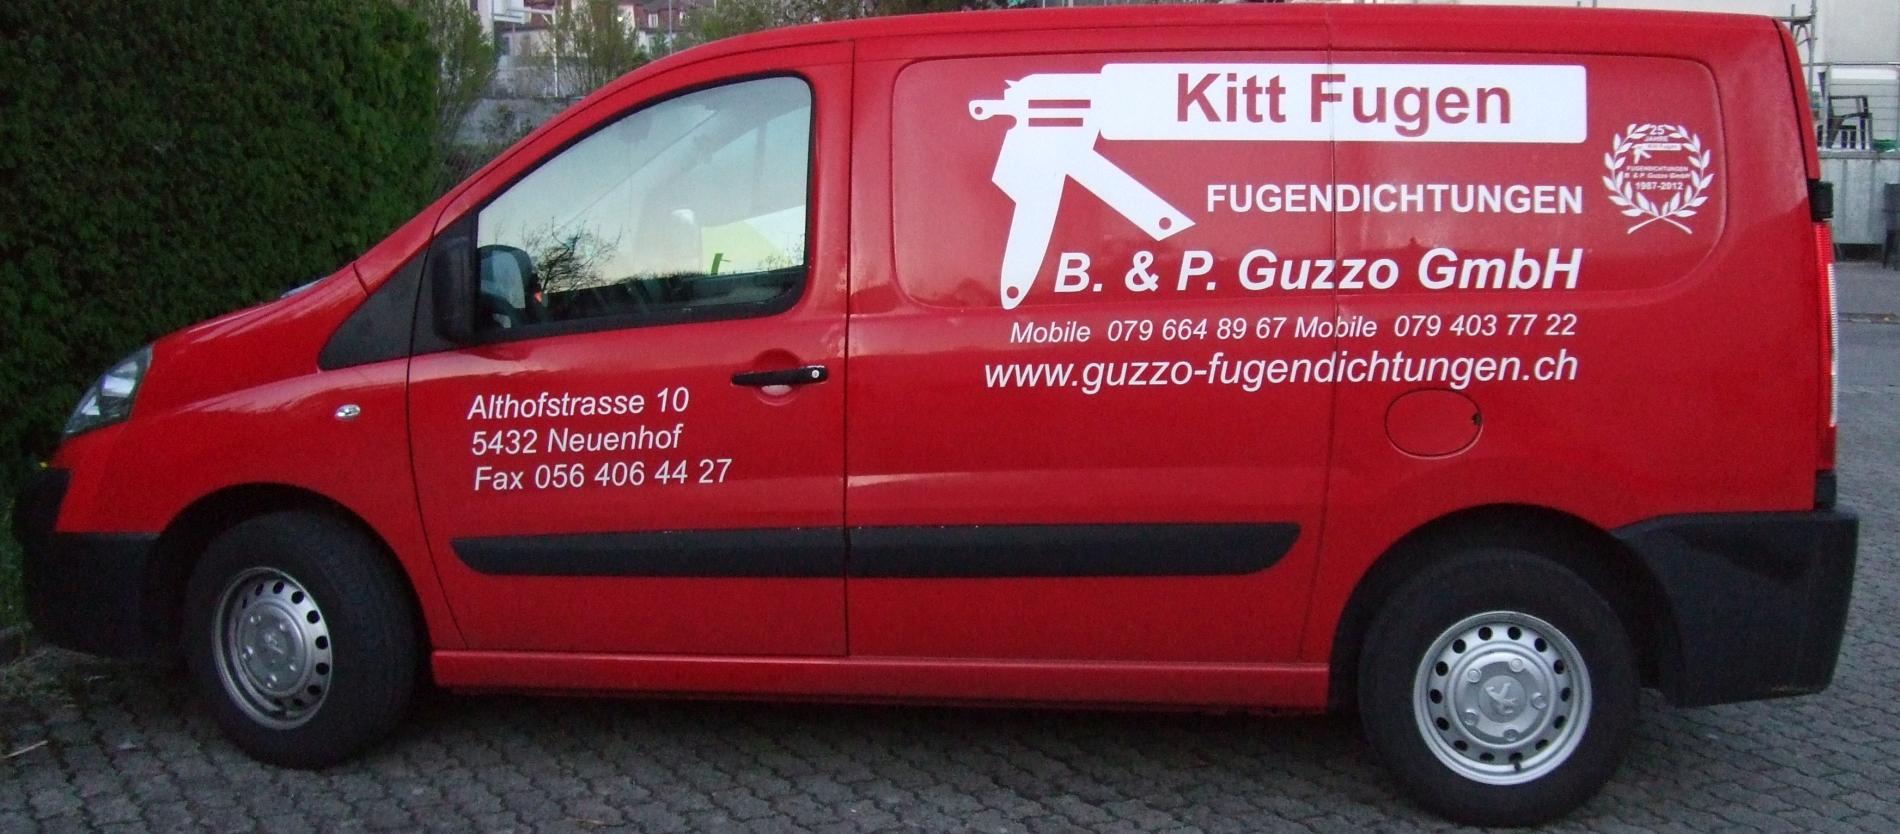 Team, Guzzo Fugendichtungen in Neuenhof